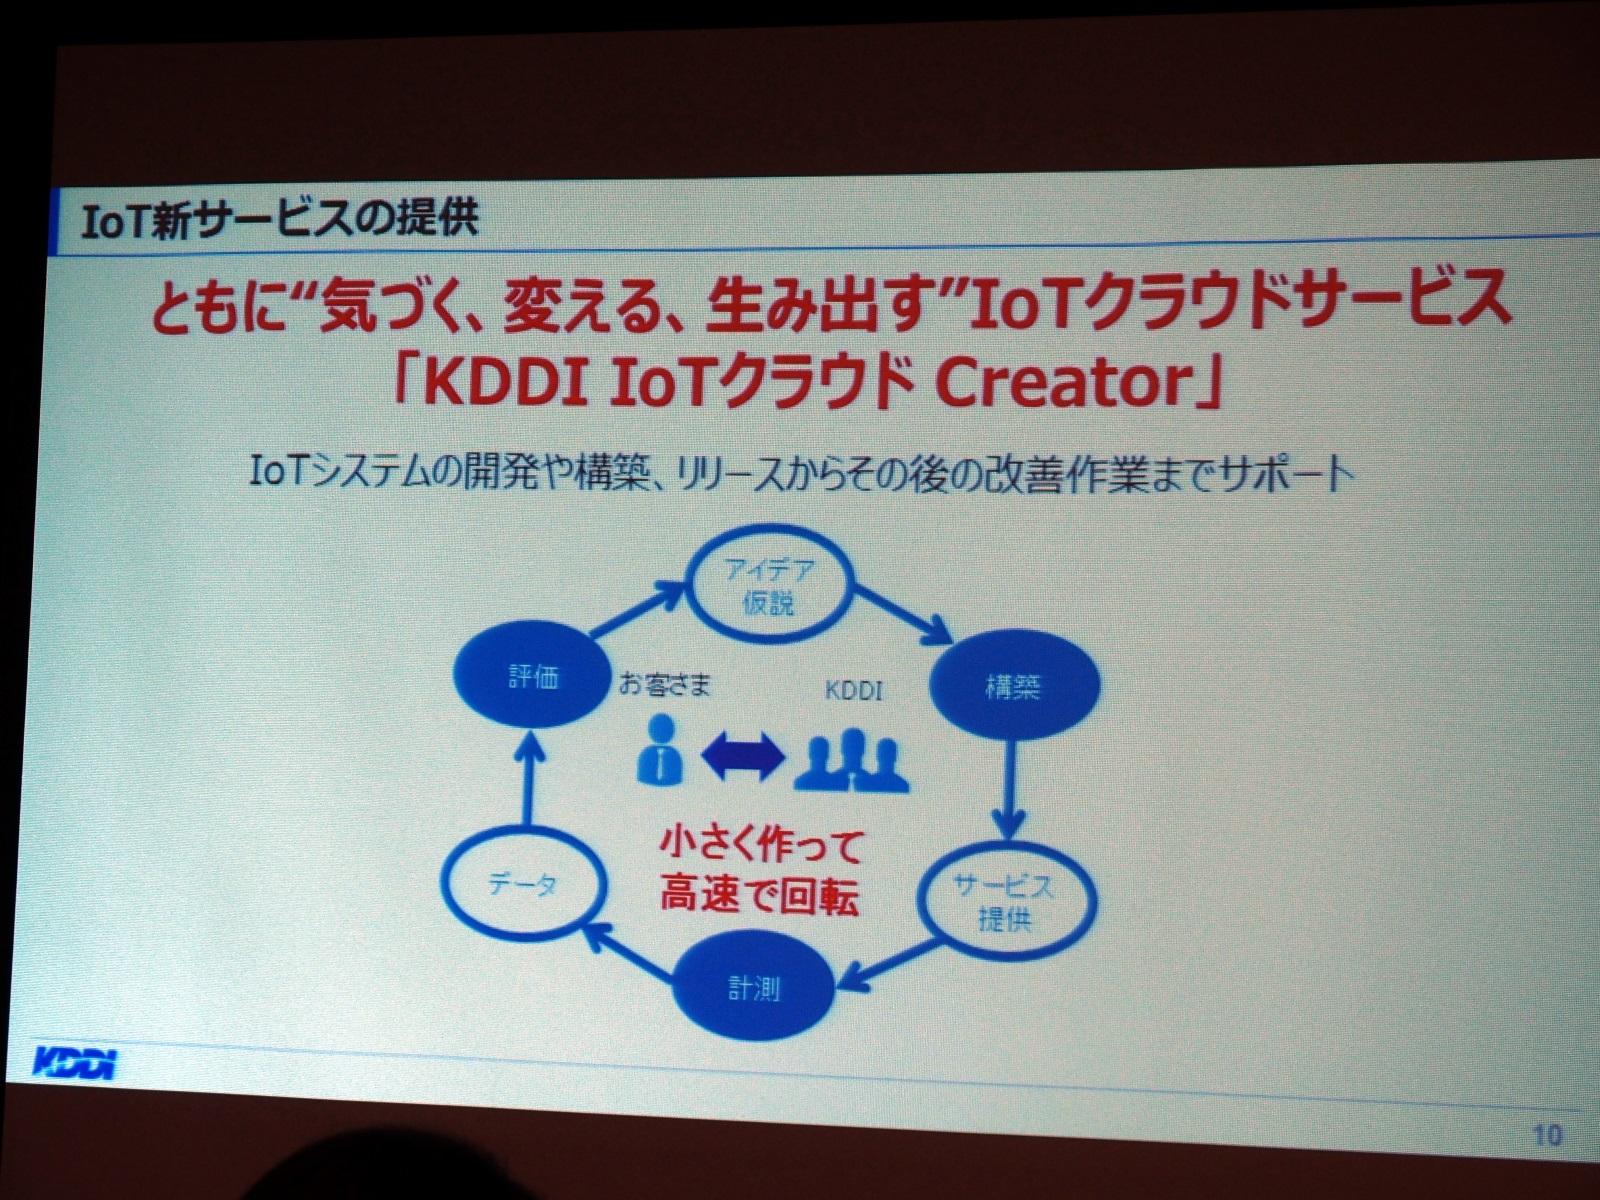 KDDI IoTクラウド Creator